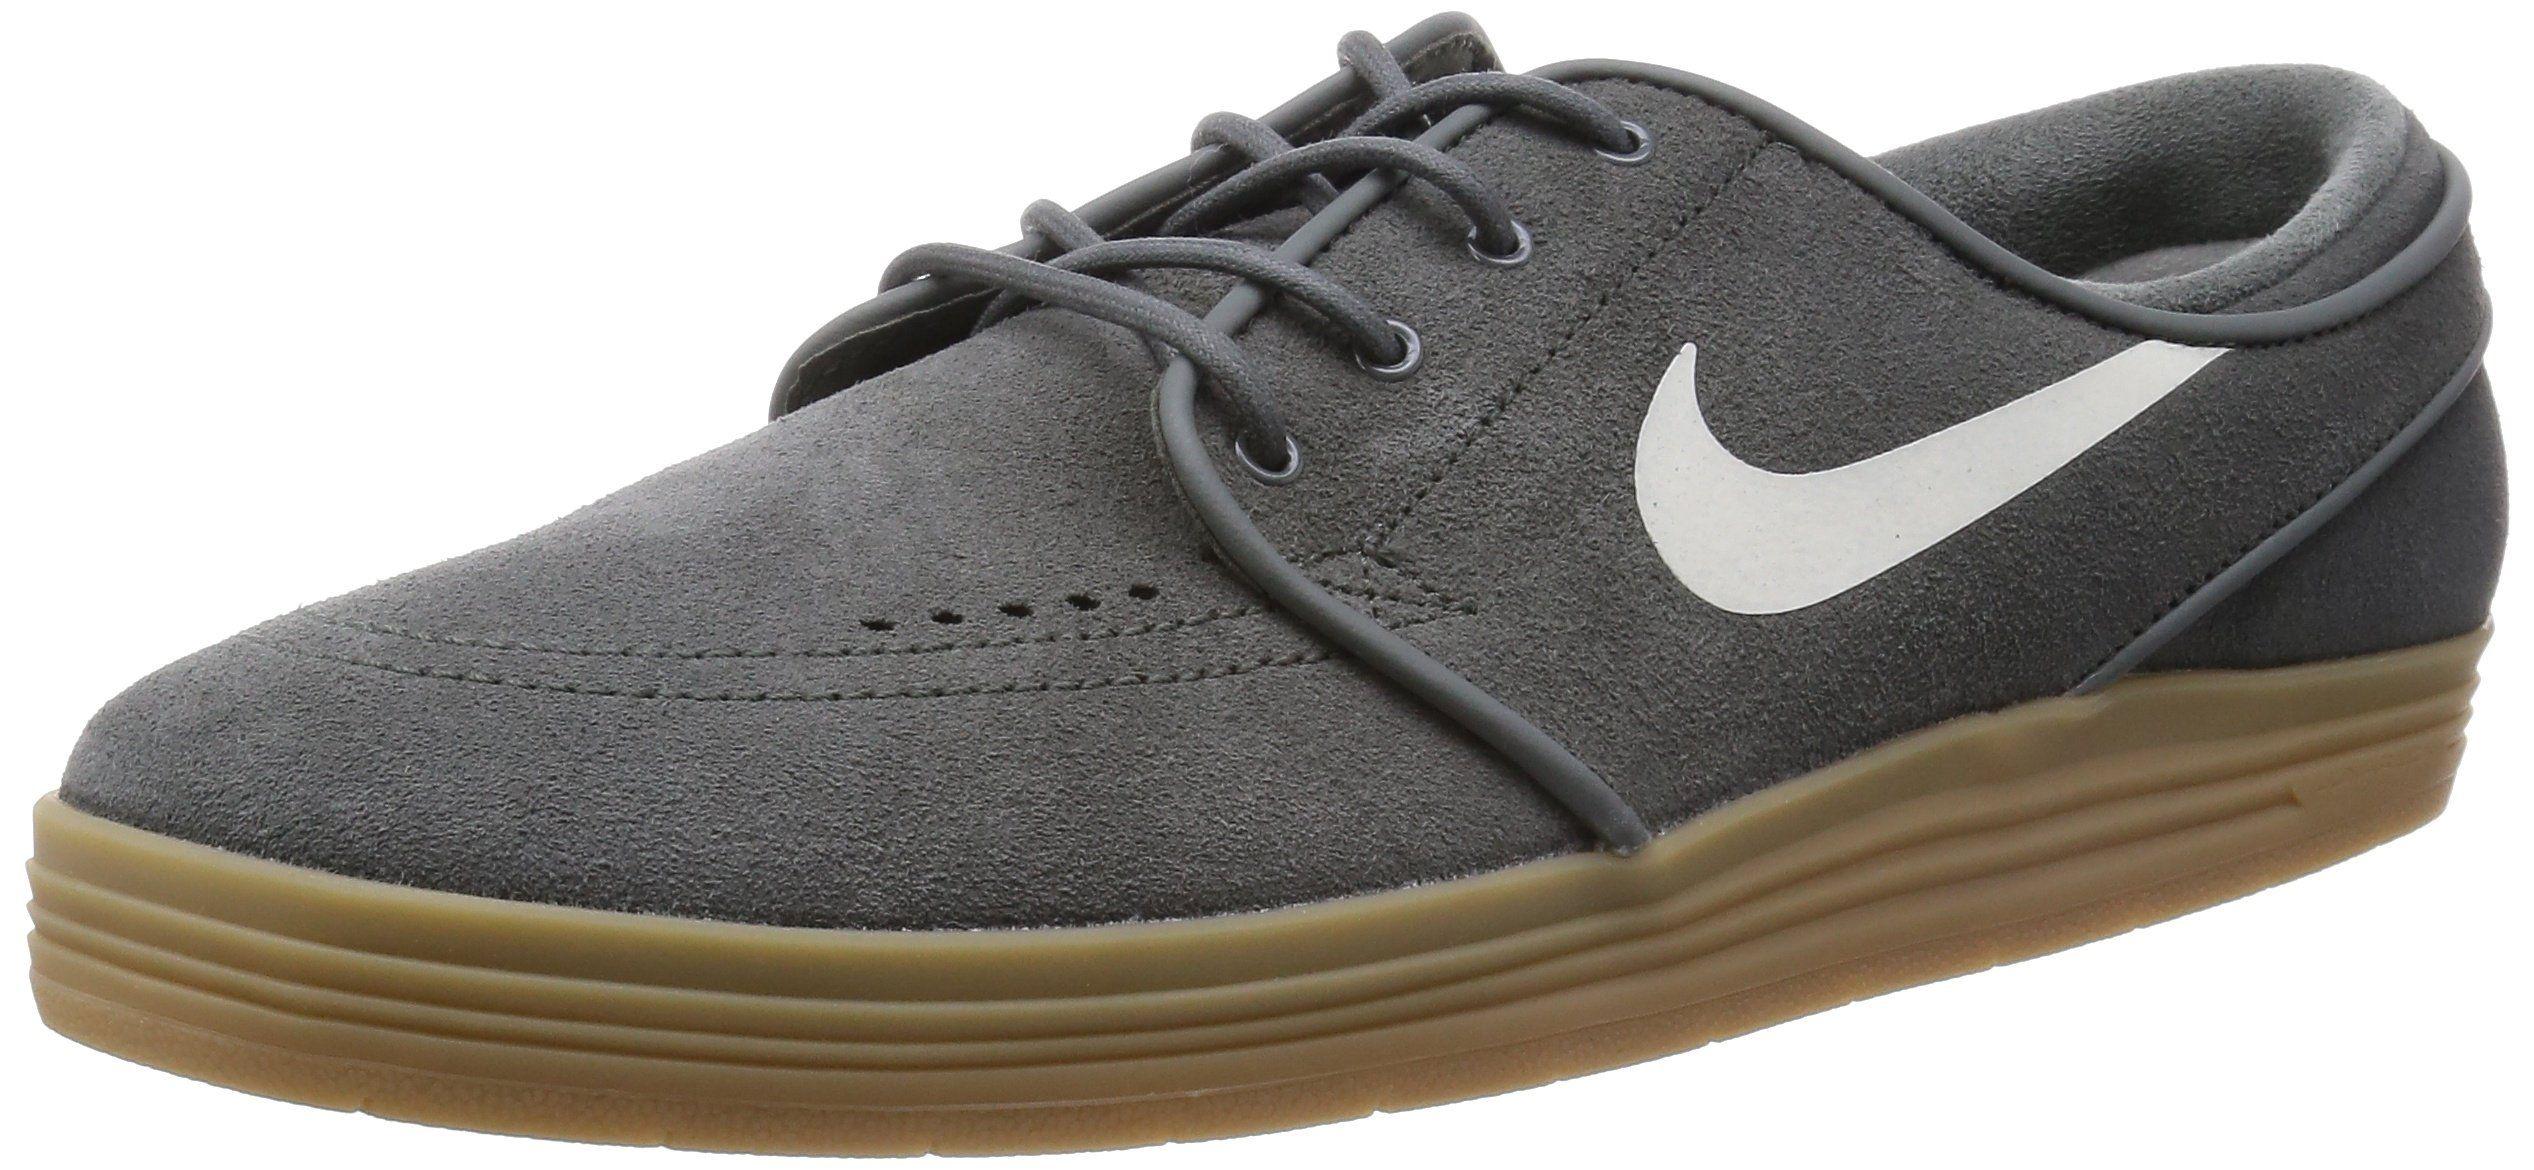 Nike Men's Lunar Stefan Janoski River Rock/Sail/Gm Light Brown Skate Shoe  7.5